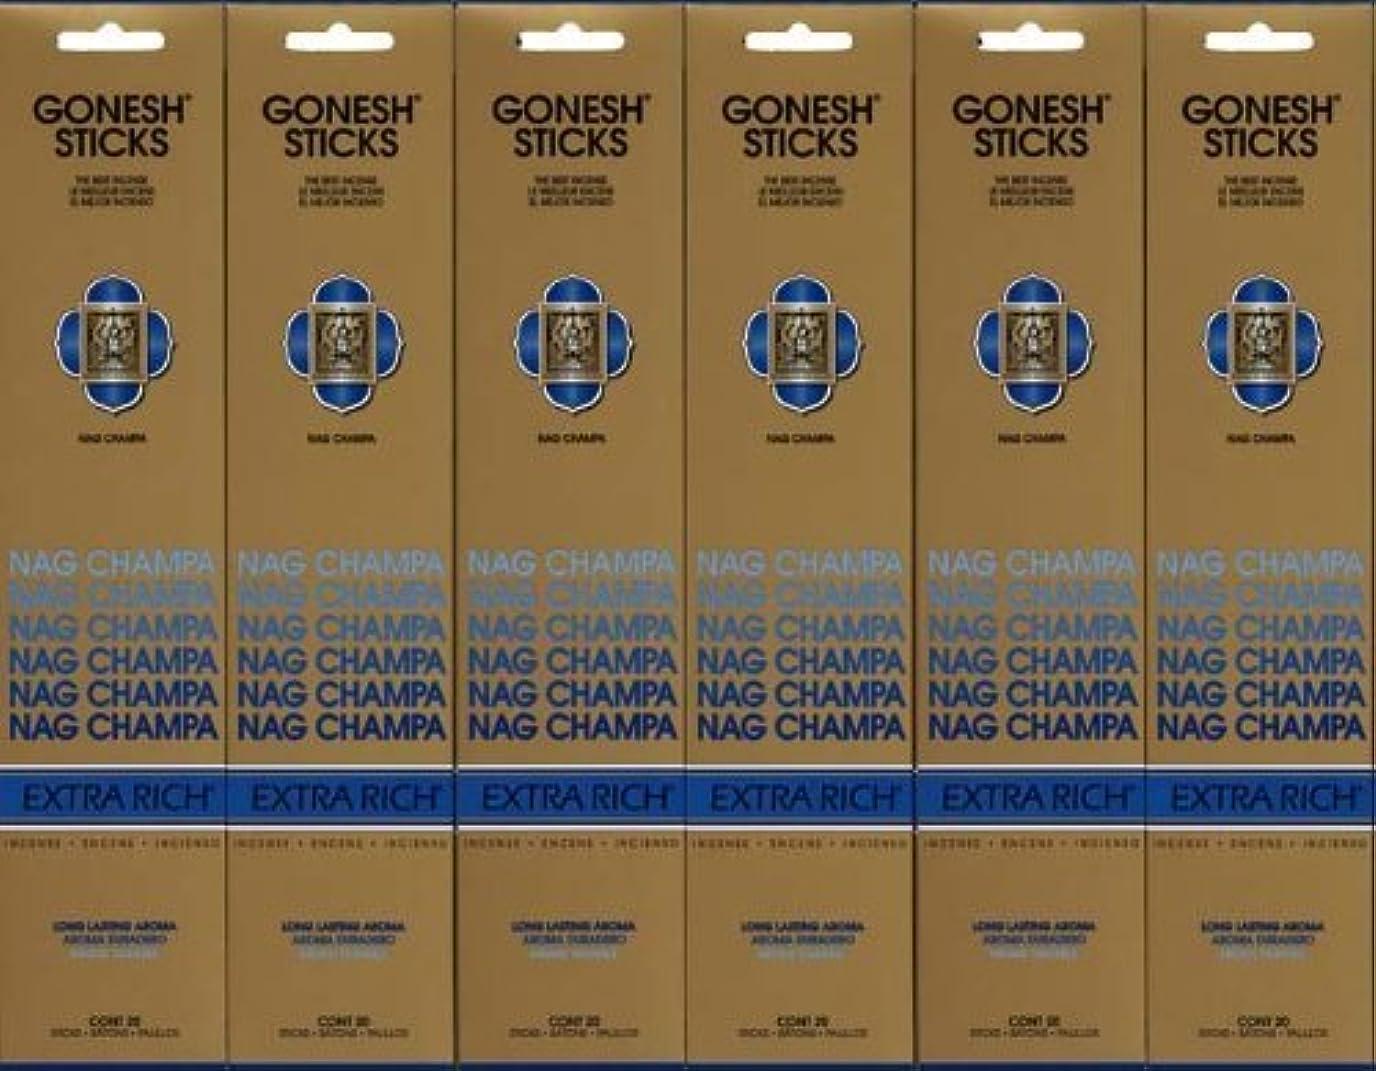 肥満無視する再生的GONESH NAG CHAMPA ナグチャンパ スティック 20本入り X 6パック (120本)